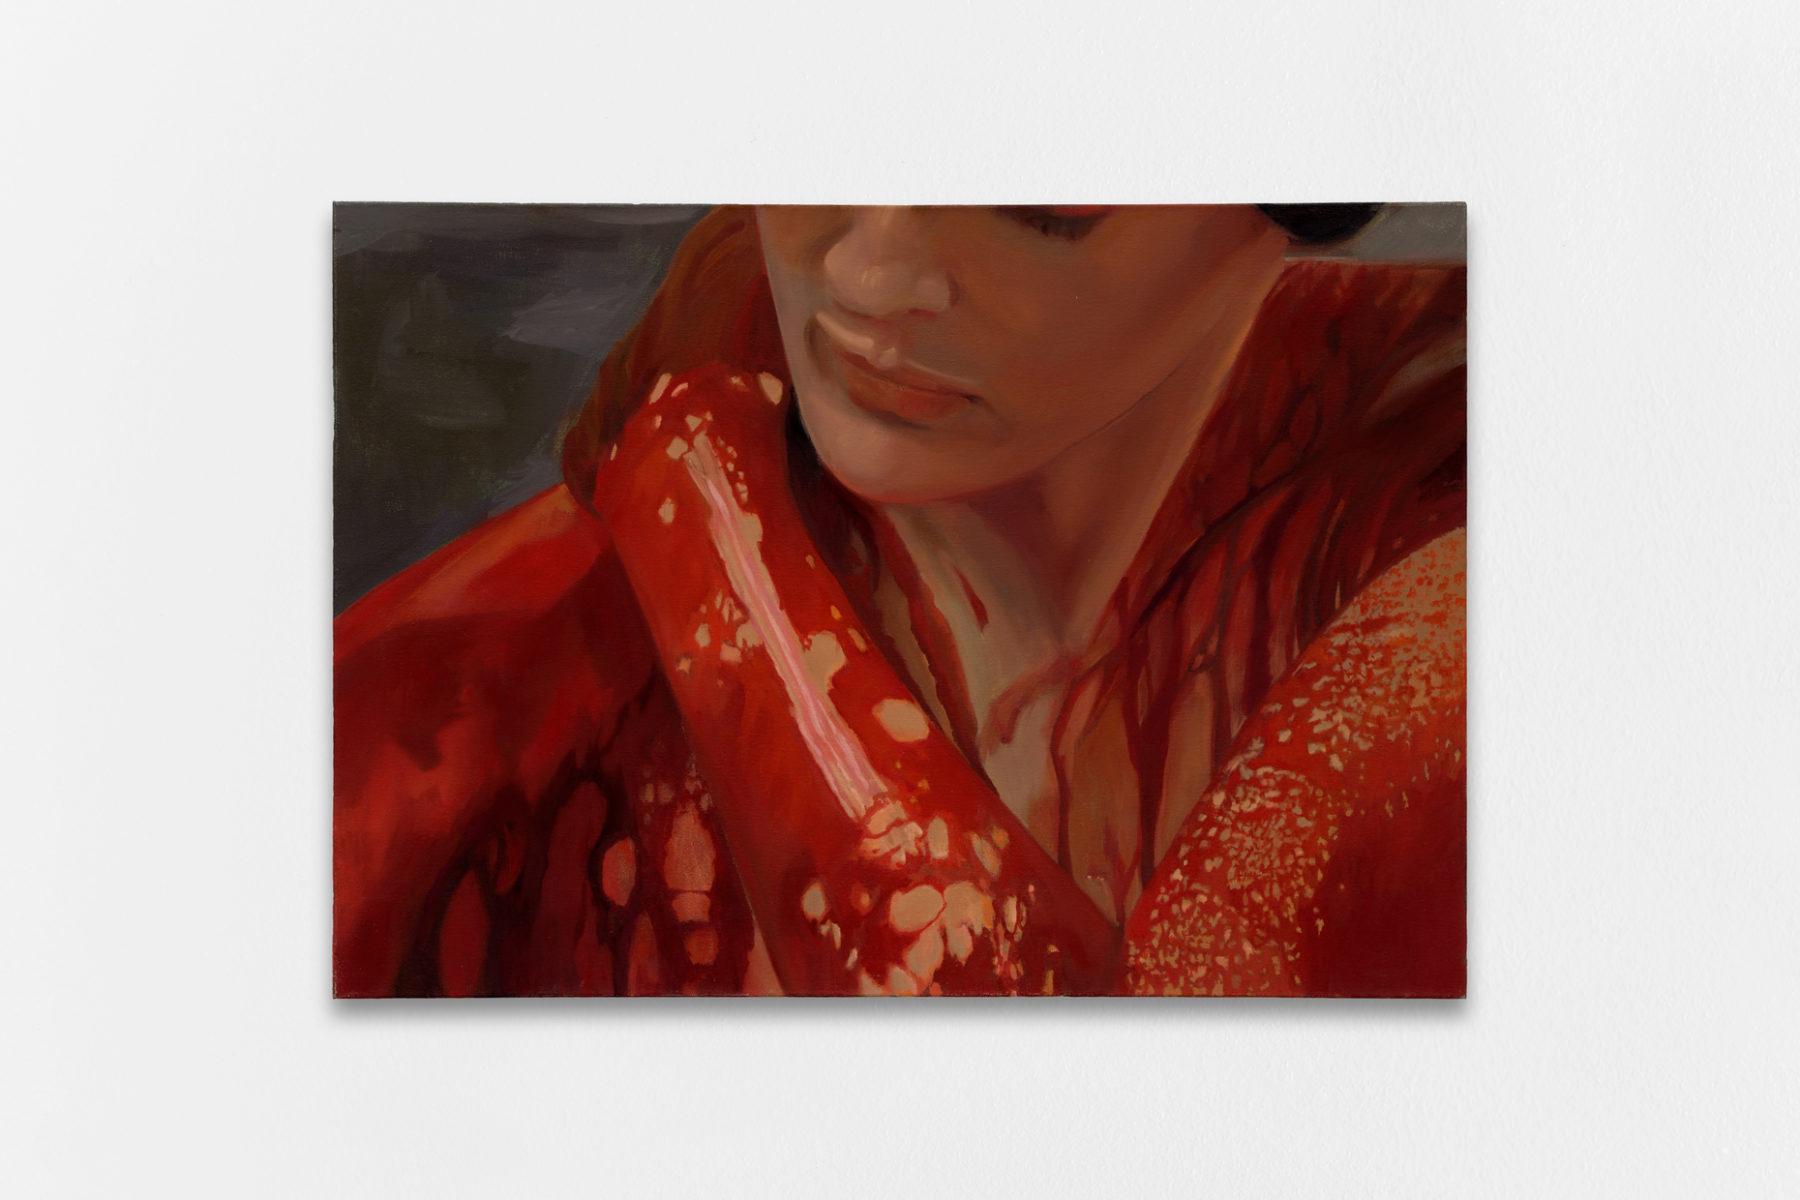 Bathory, Shannon Cartier Lucy, 2020, Oil on canvas, 86 x 61 cm (34 x 24 inches) — Galerie Éric Hussenot, Paris